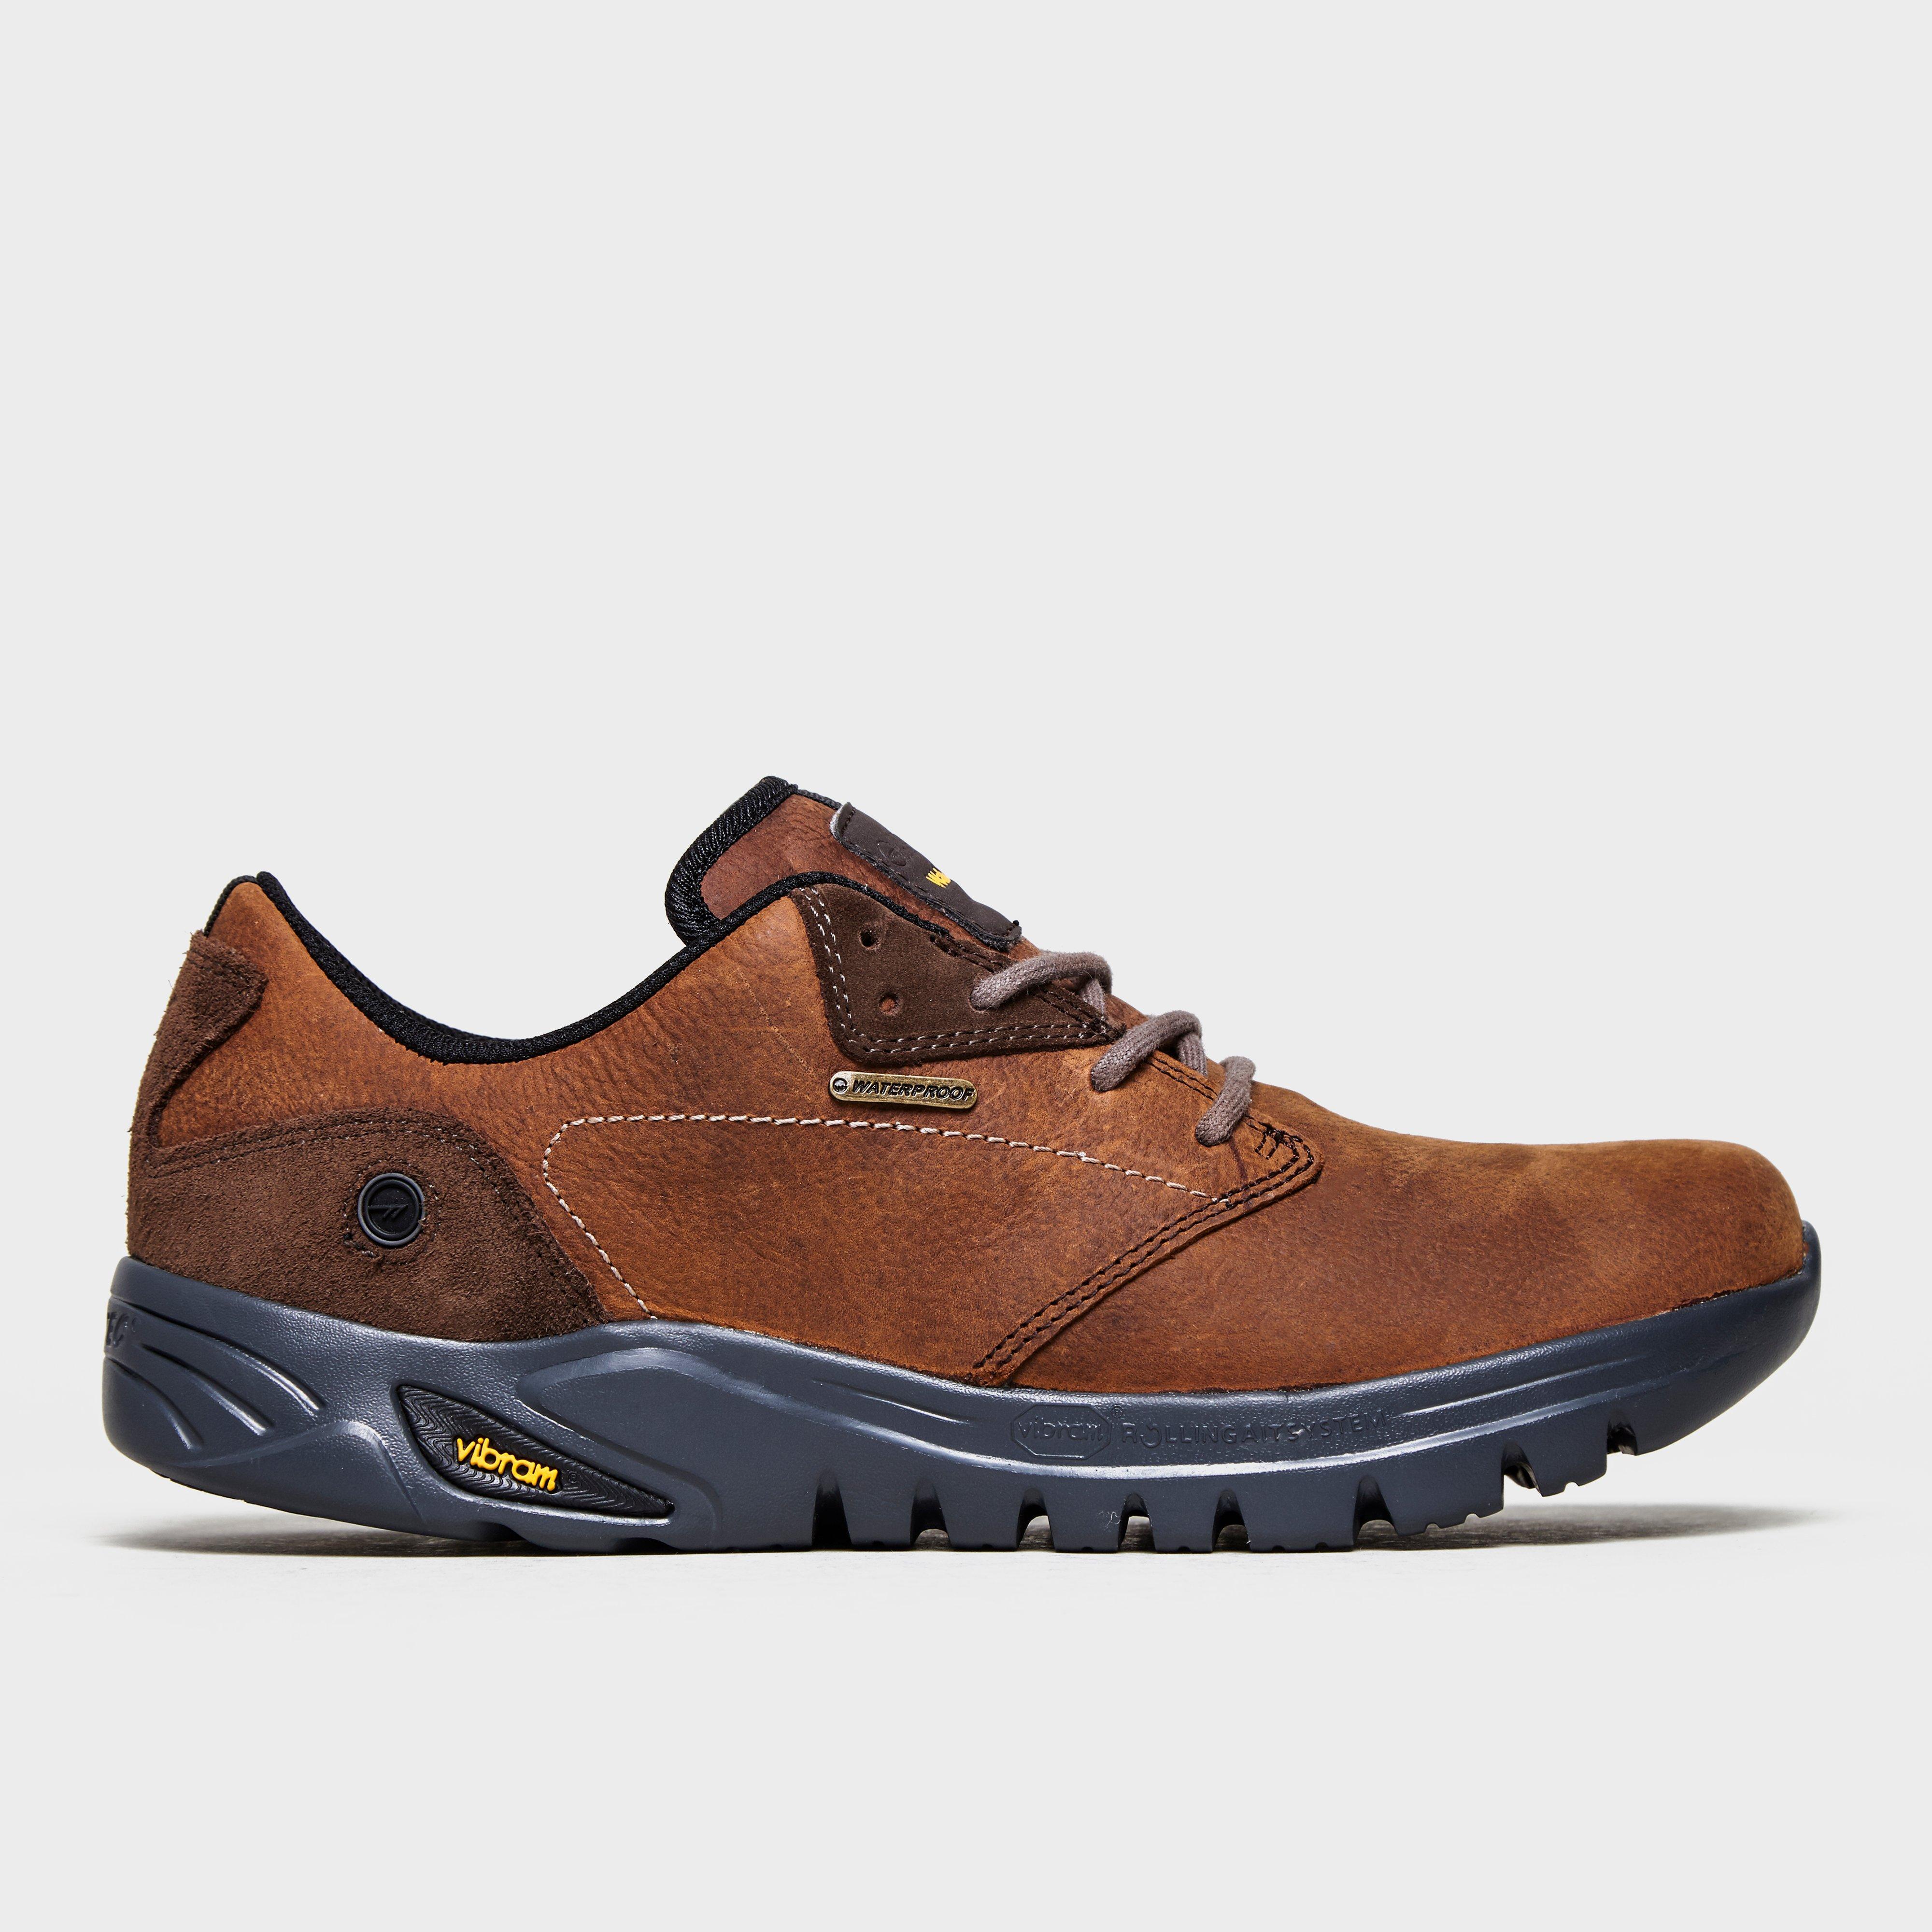 Blacks Mens Waterproof Walking Shoes